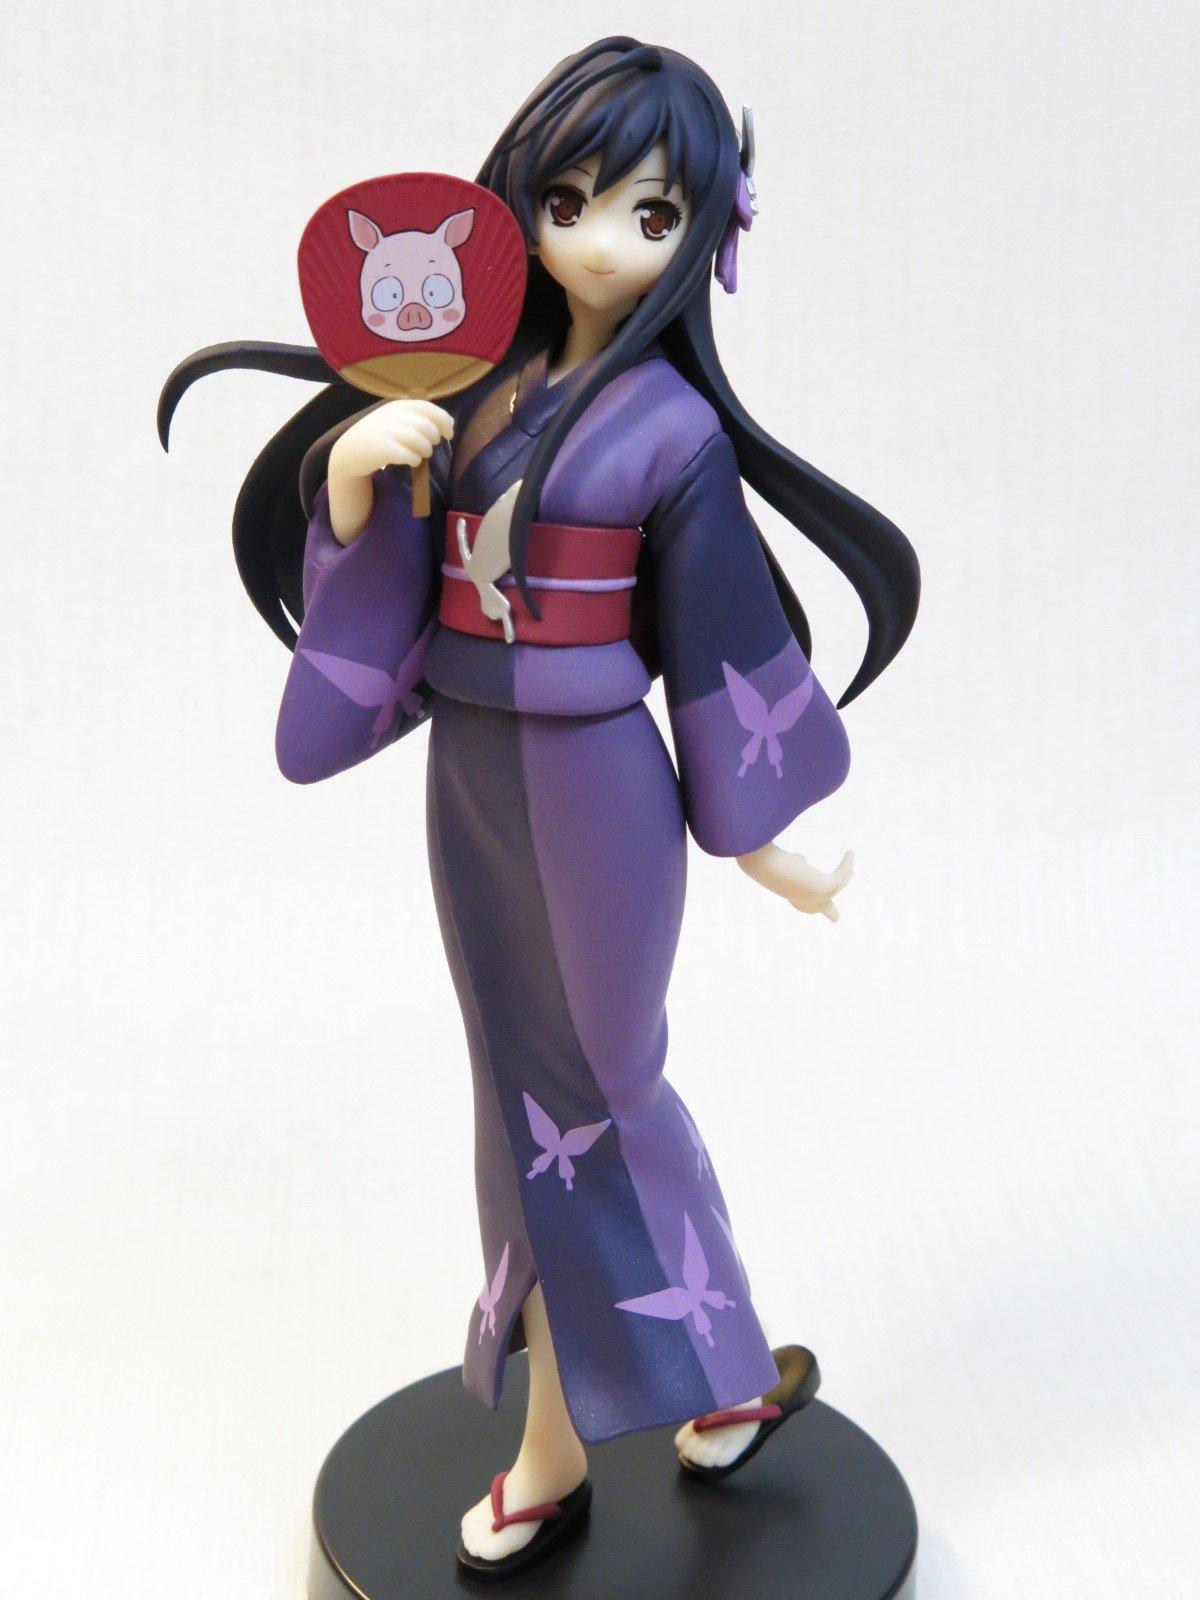 Accel world figures uk anime